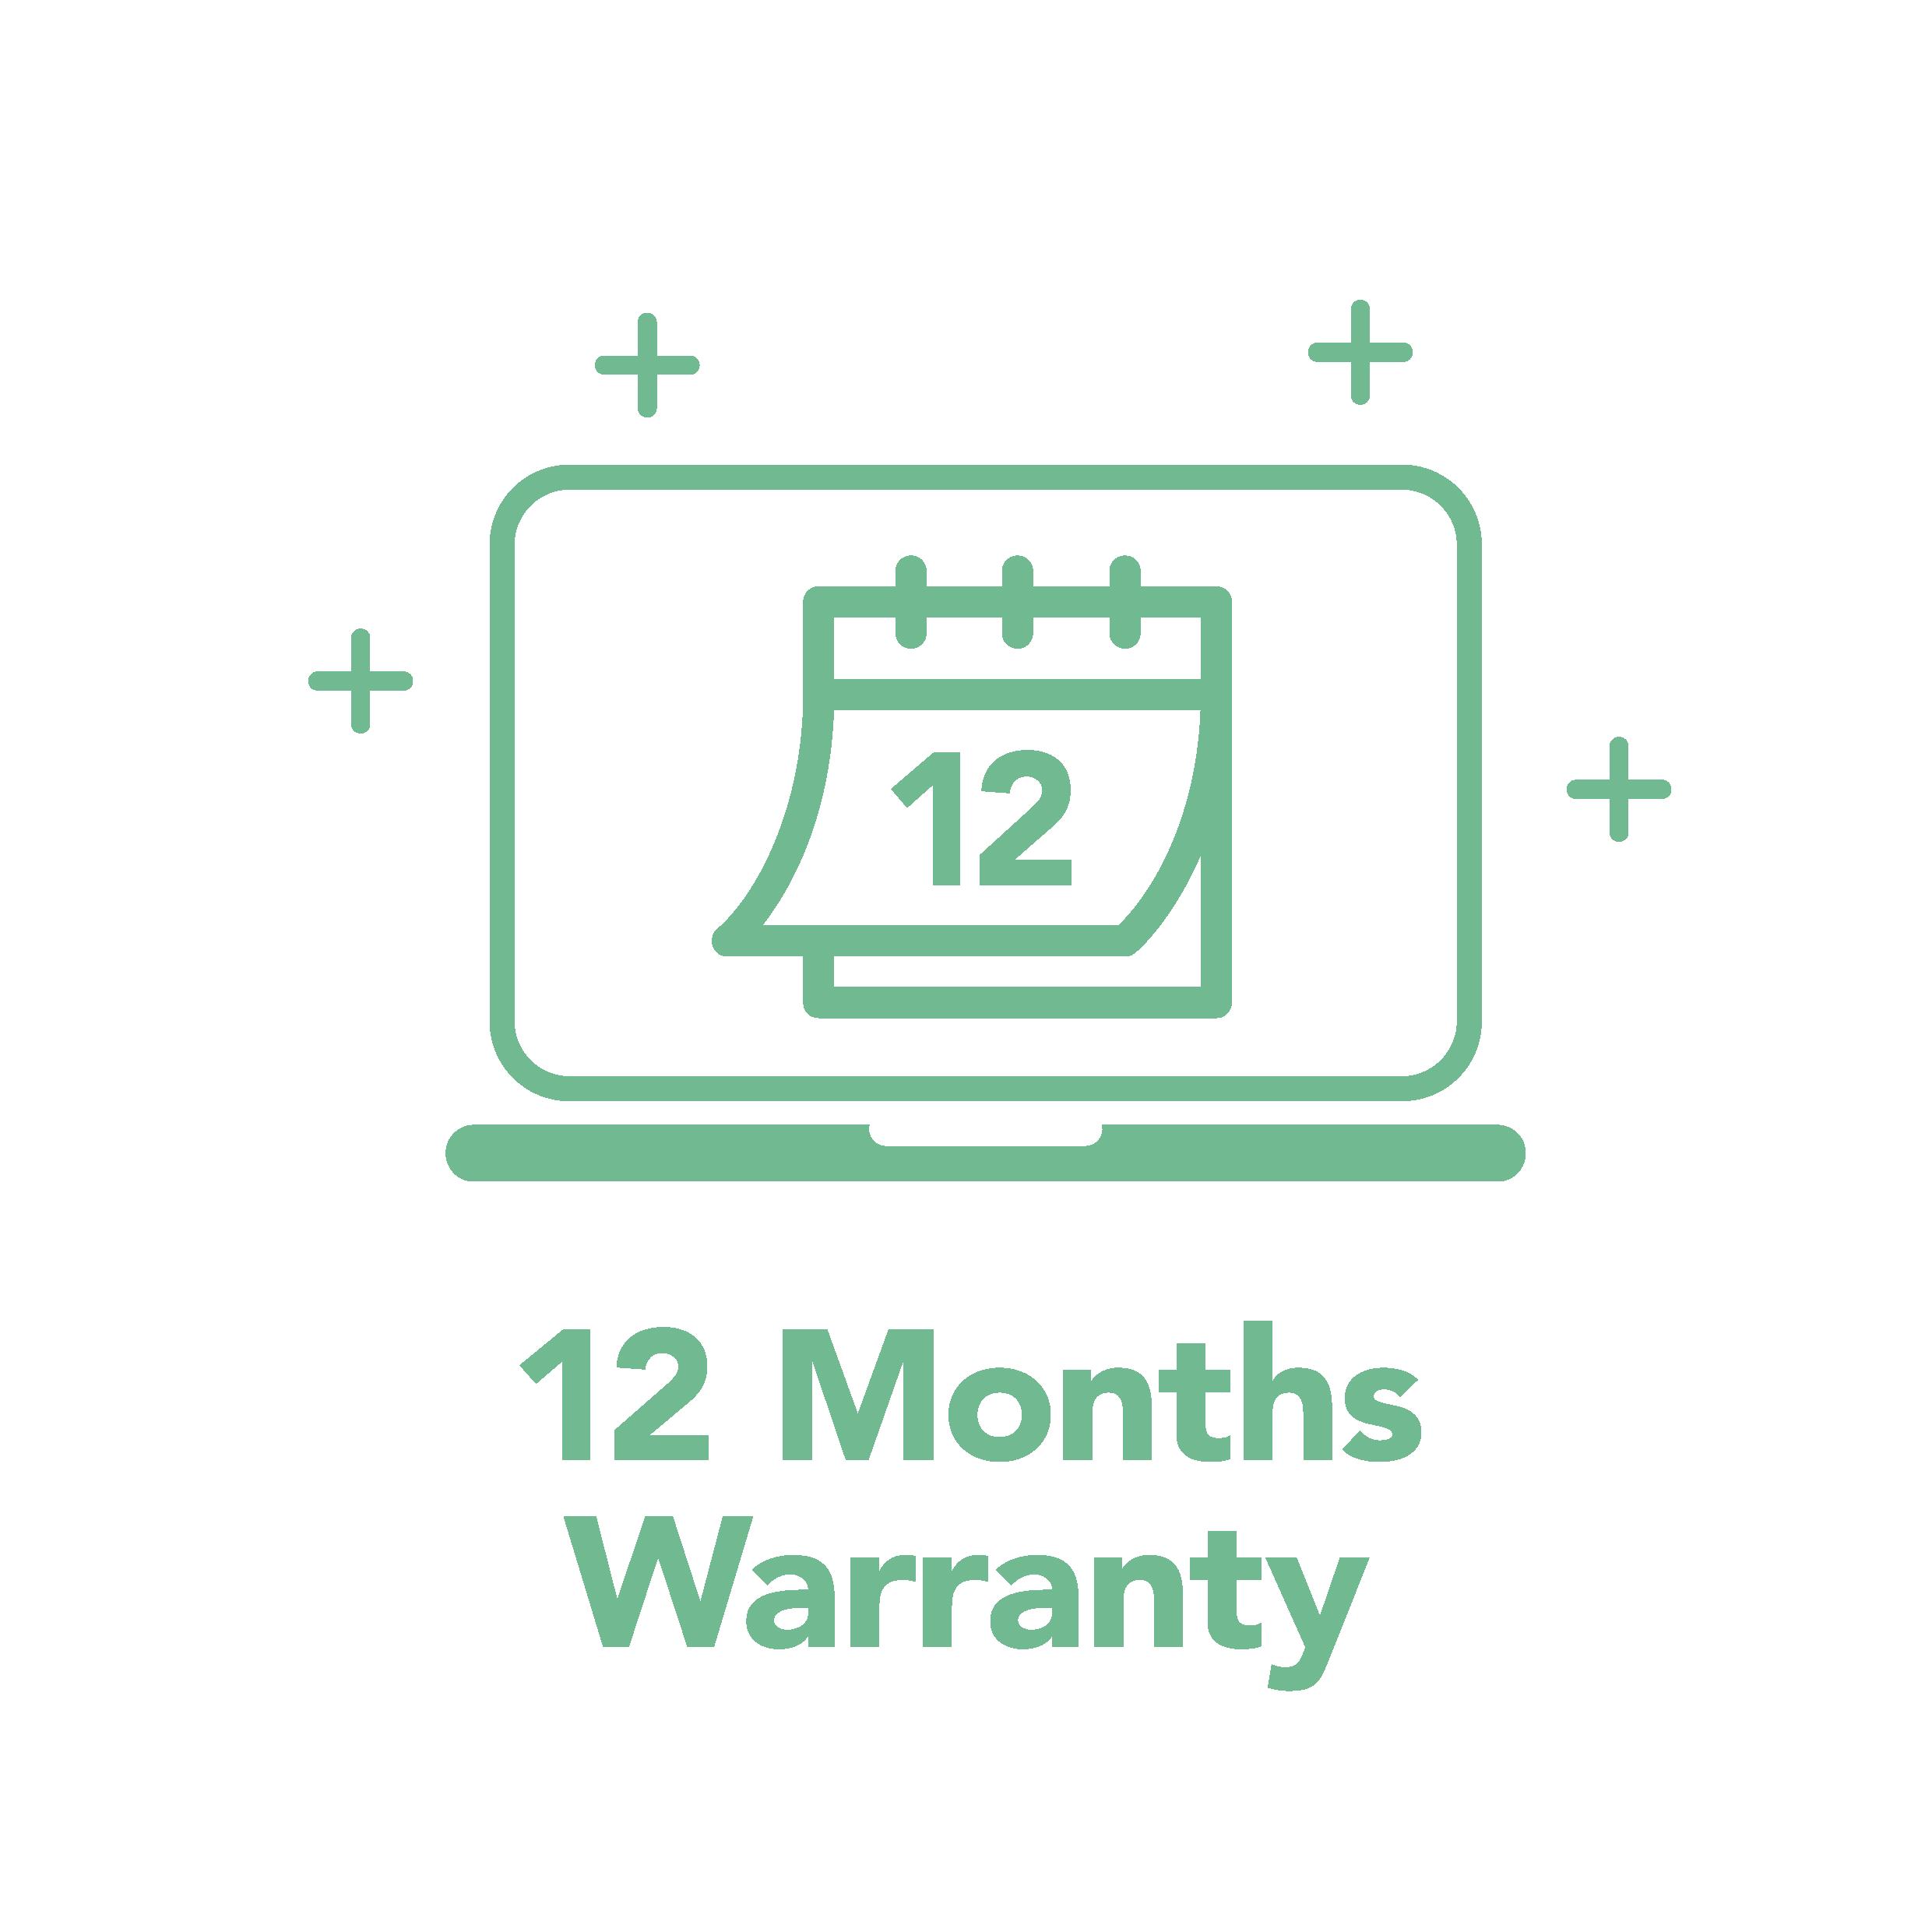 Free 12 Month Warranty